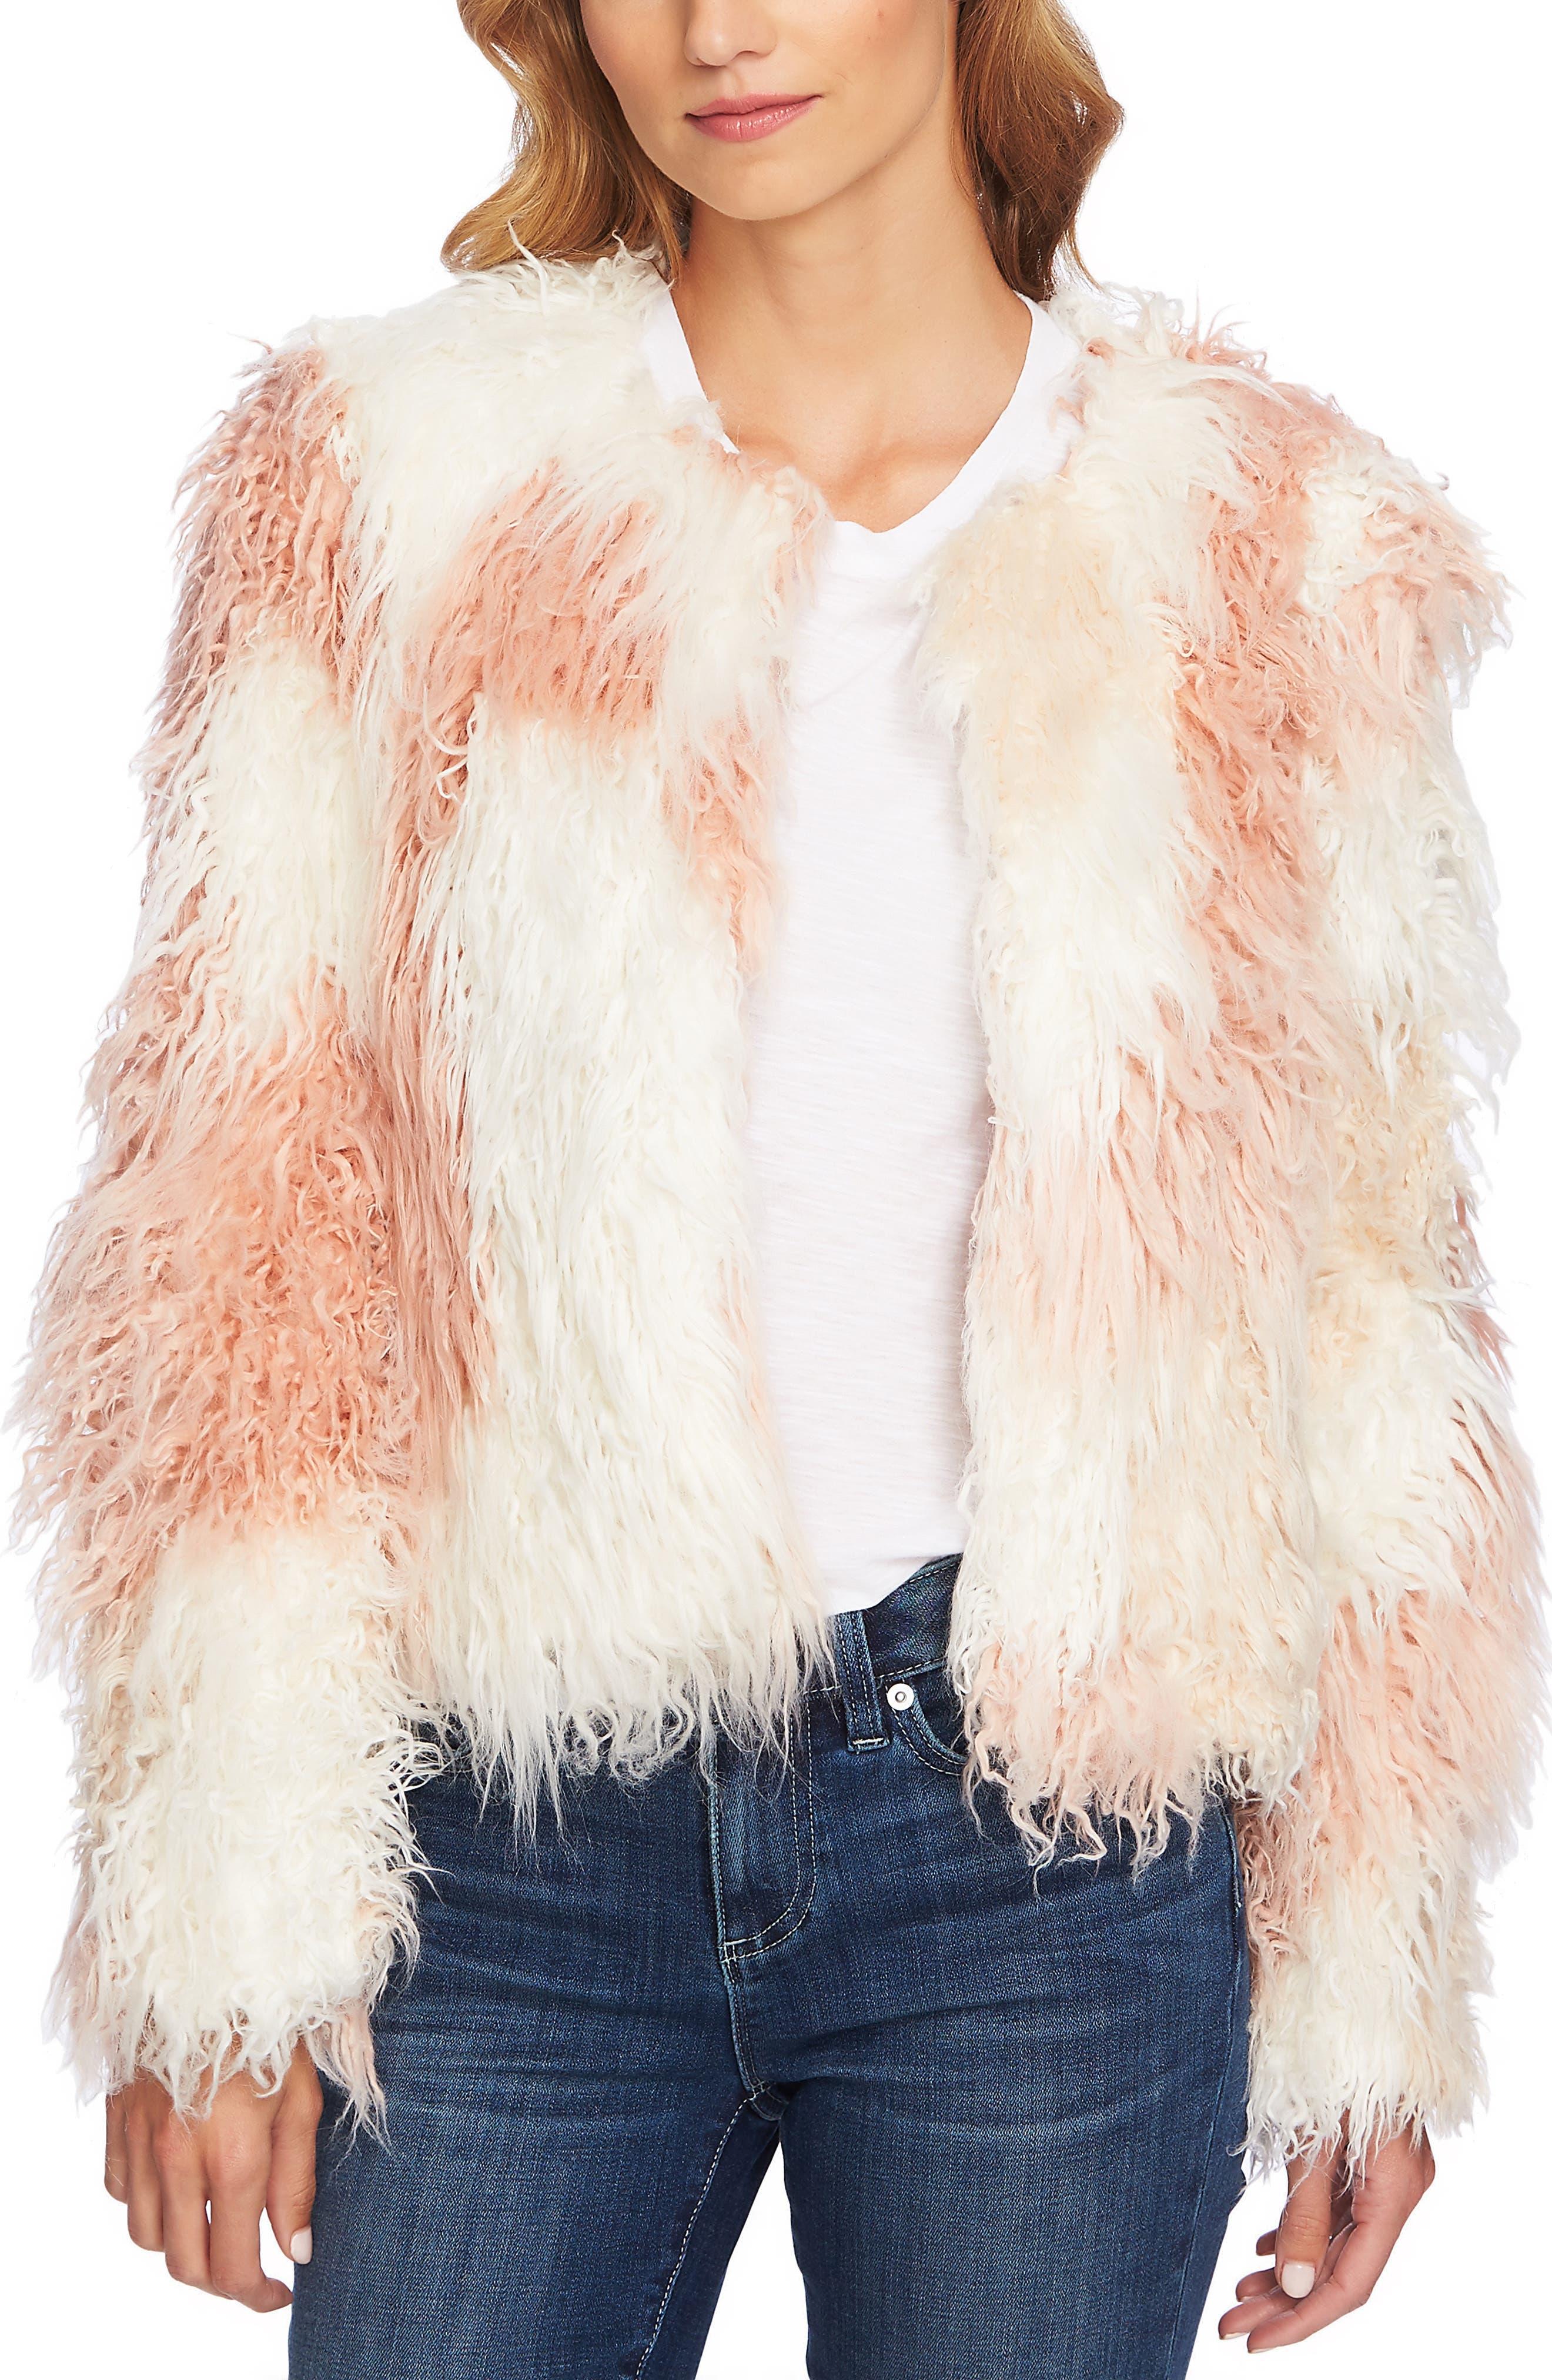 Shaggy Patchwork Faux Fur Jacket,                             Main thumbnail 1, color,                             ANTIQUE WHITE